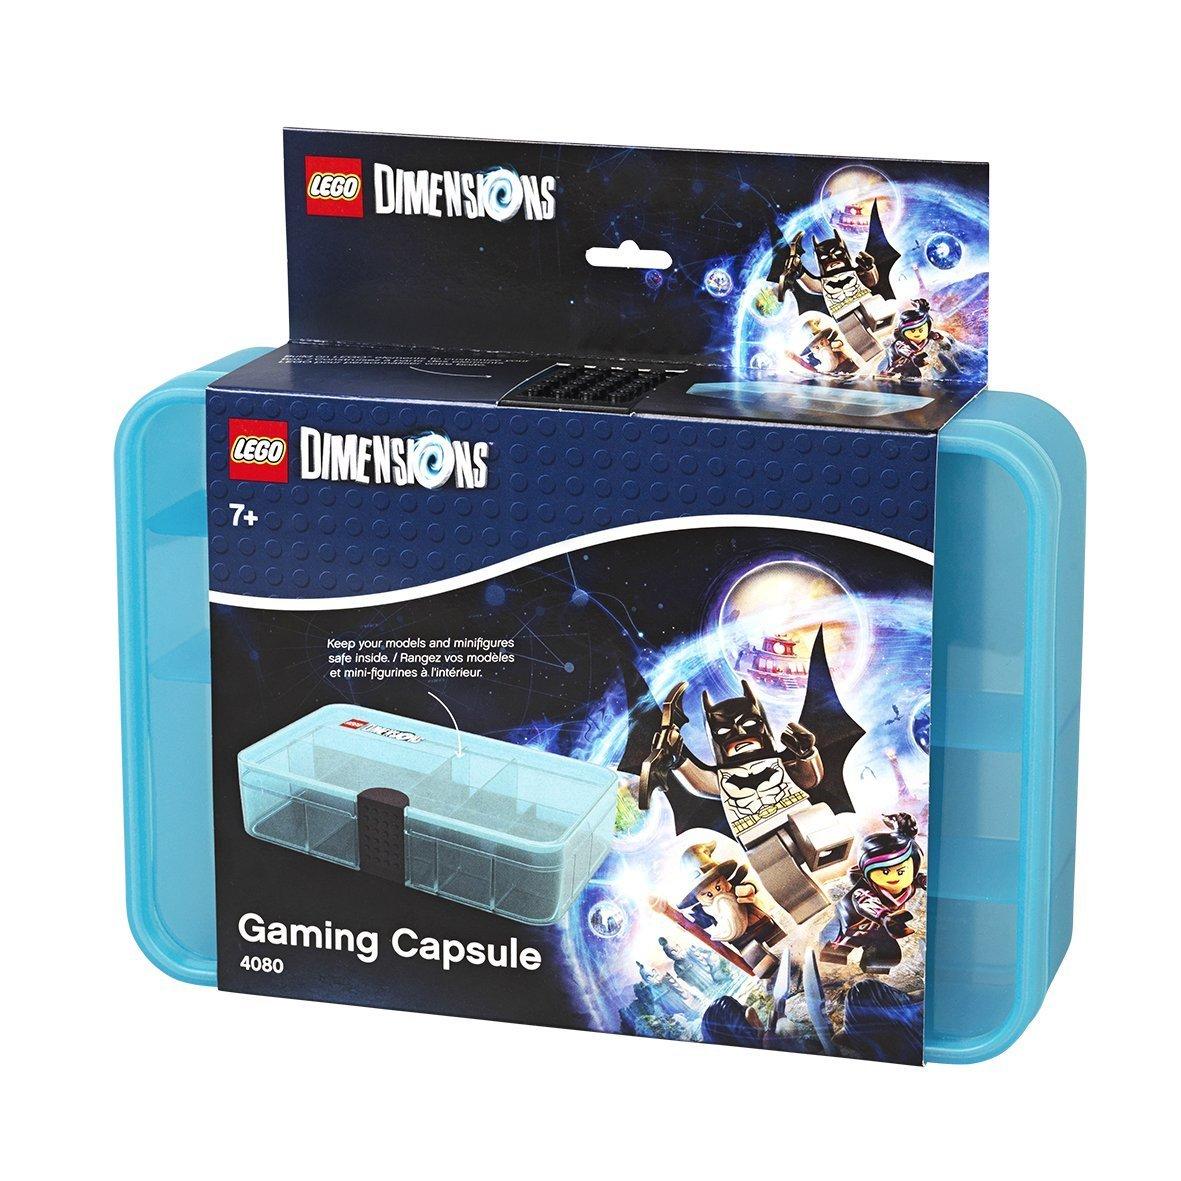 Dimensions Storage box Gaming Capsule